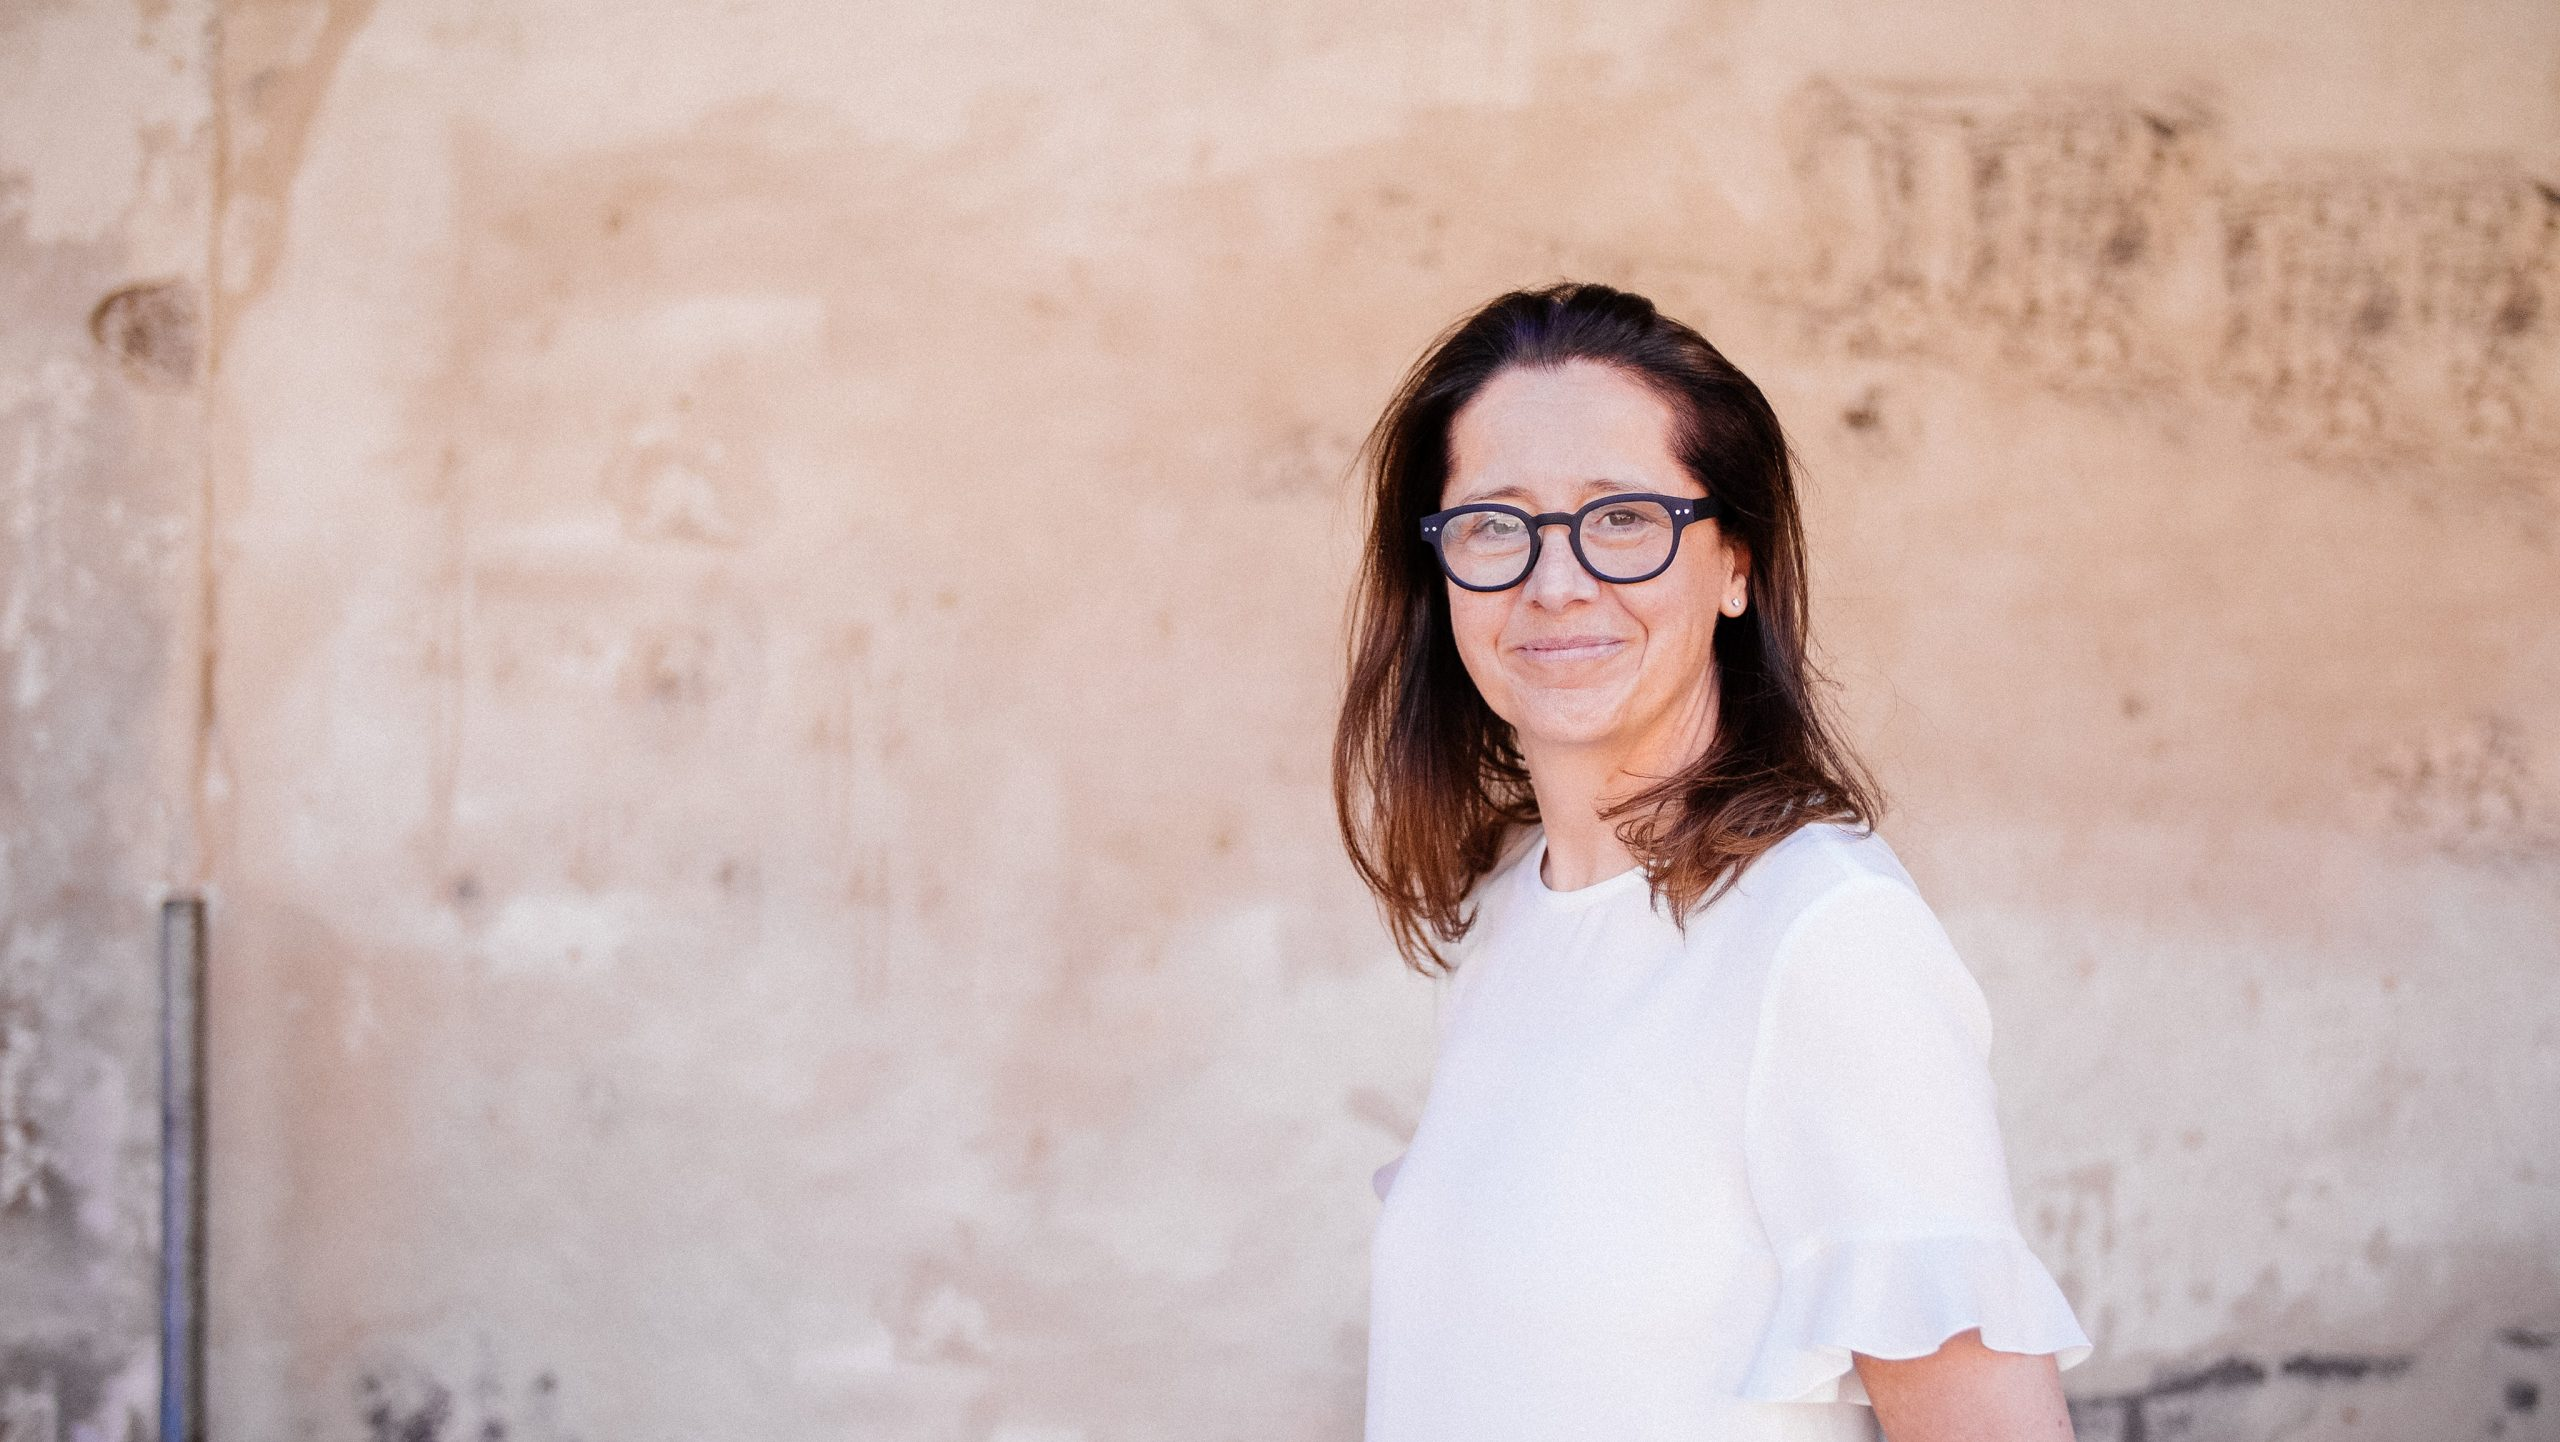 Svenske Charlotte Wiebe bliver ny direktør for bæredygtighed i TUI Group – hentet fra TUI Nordic, hvor hun hidtil har været personaledirektør. Pressefoto: TUI Nordic.